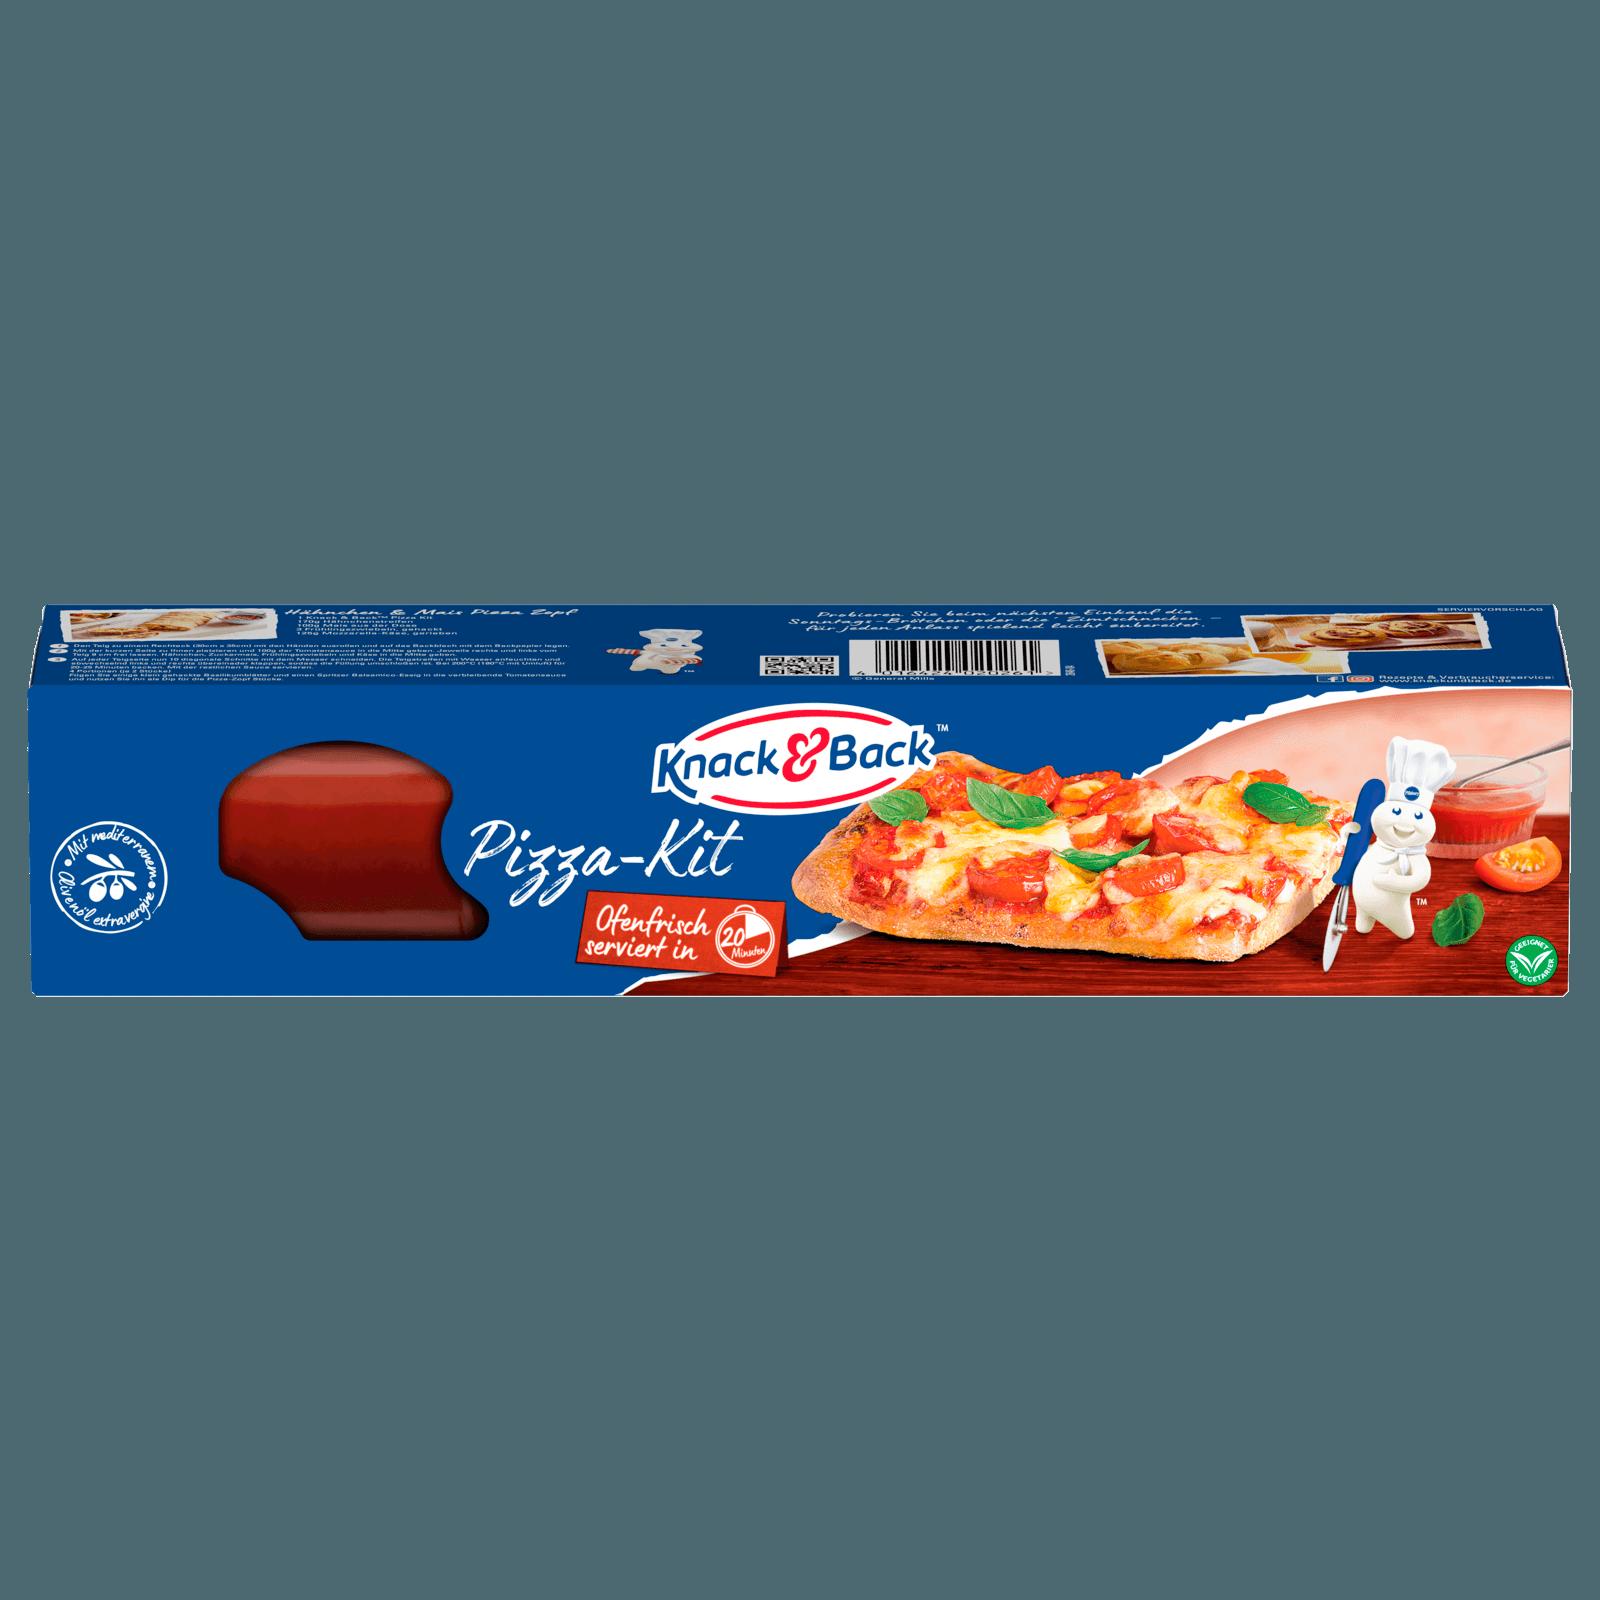 Knack & Back Pizza-Kit 600g